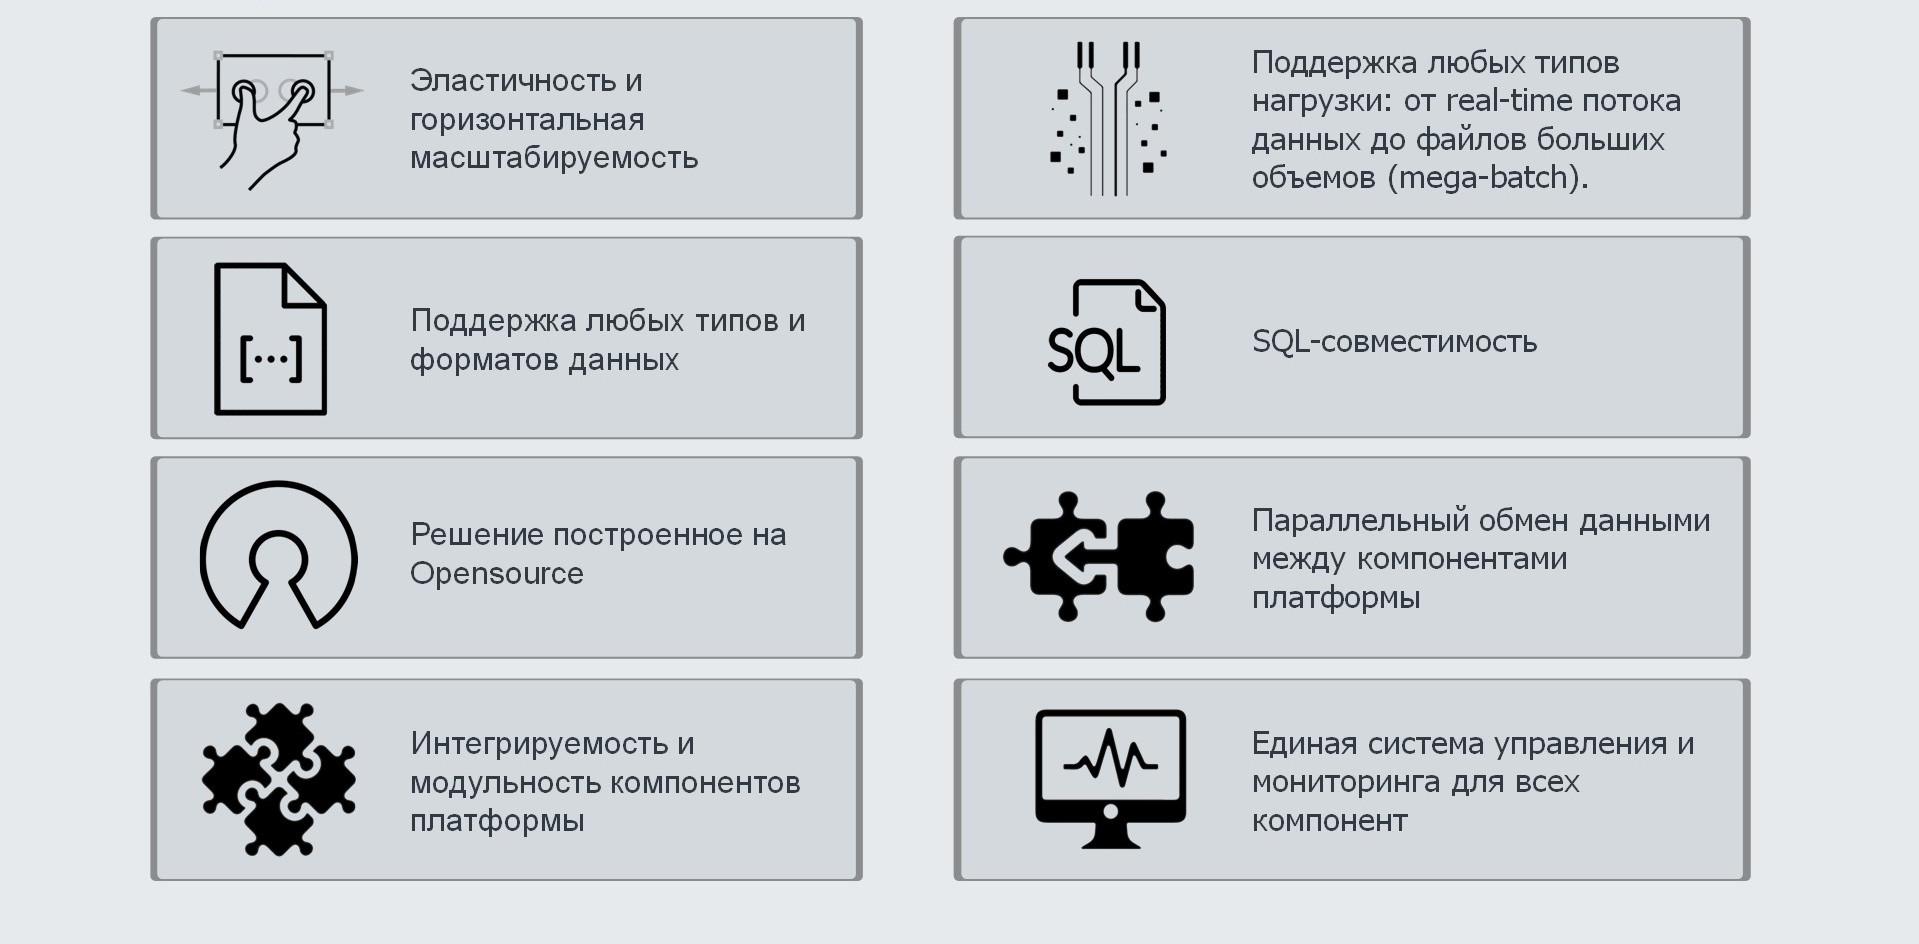 trebovaniya_k_sovremennoj_platforme_hraneniya_dannyh.jpg